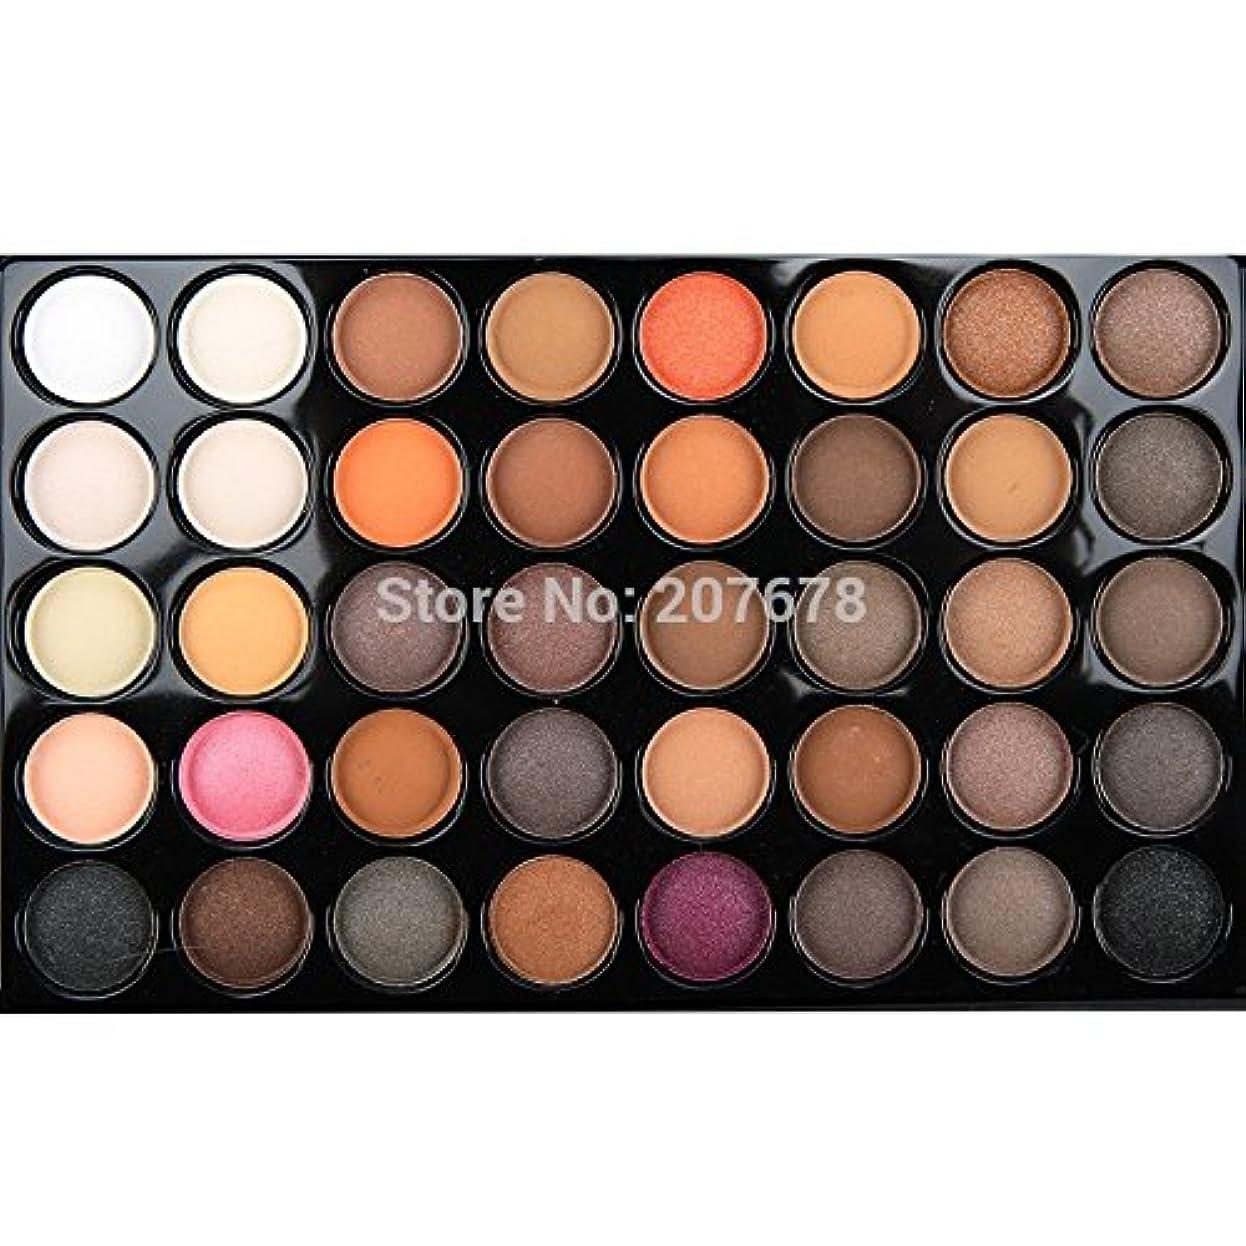 またね広まった自動化40 Color Matte Eyeshadow Pallete Make Up Palette Eye Shadow Glitter Natural Easy to Wear Waterproof Lasting Makeup...